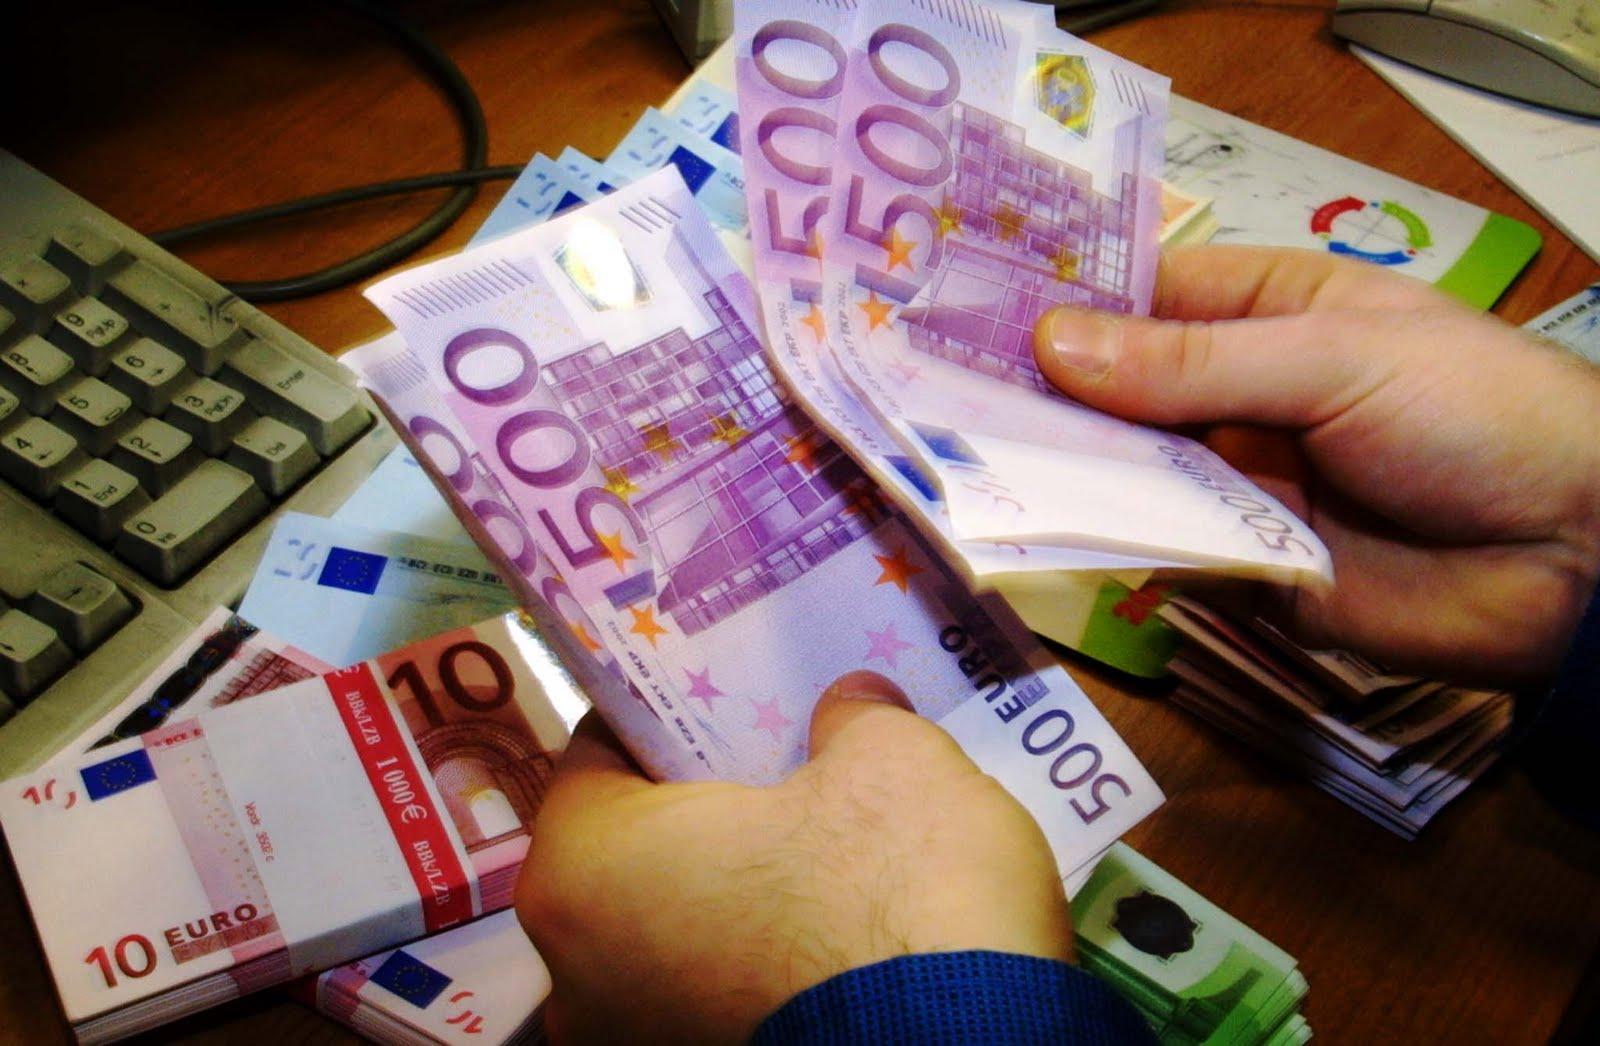 Πρόγραμμα «Βοήθεια στο Σπίτι»: Καταβάλλεται η β' δόση των 300.000 ευρώ